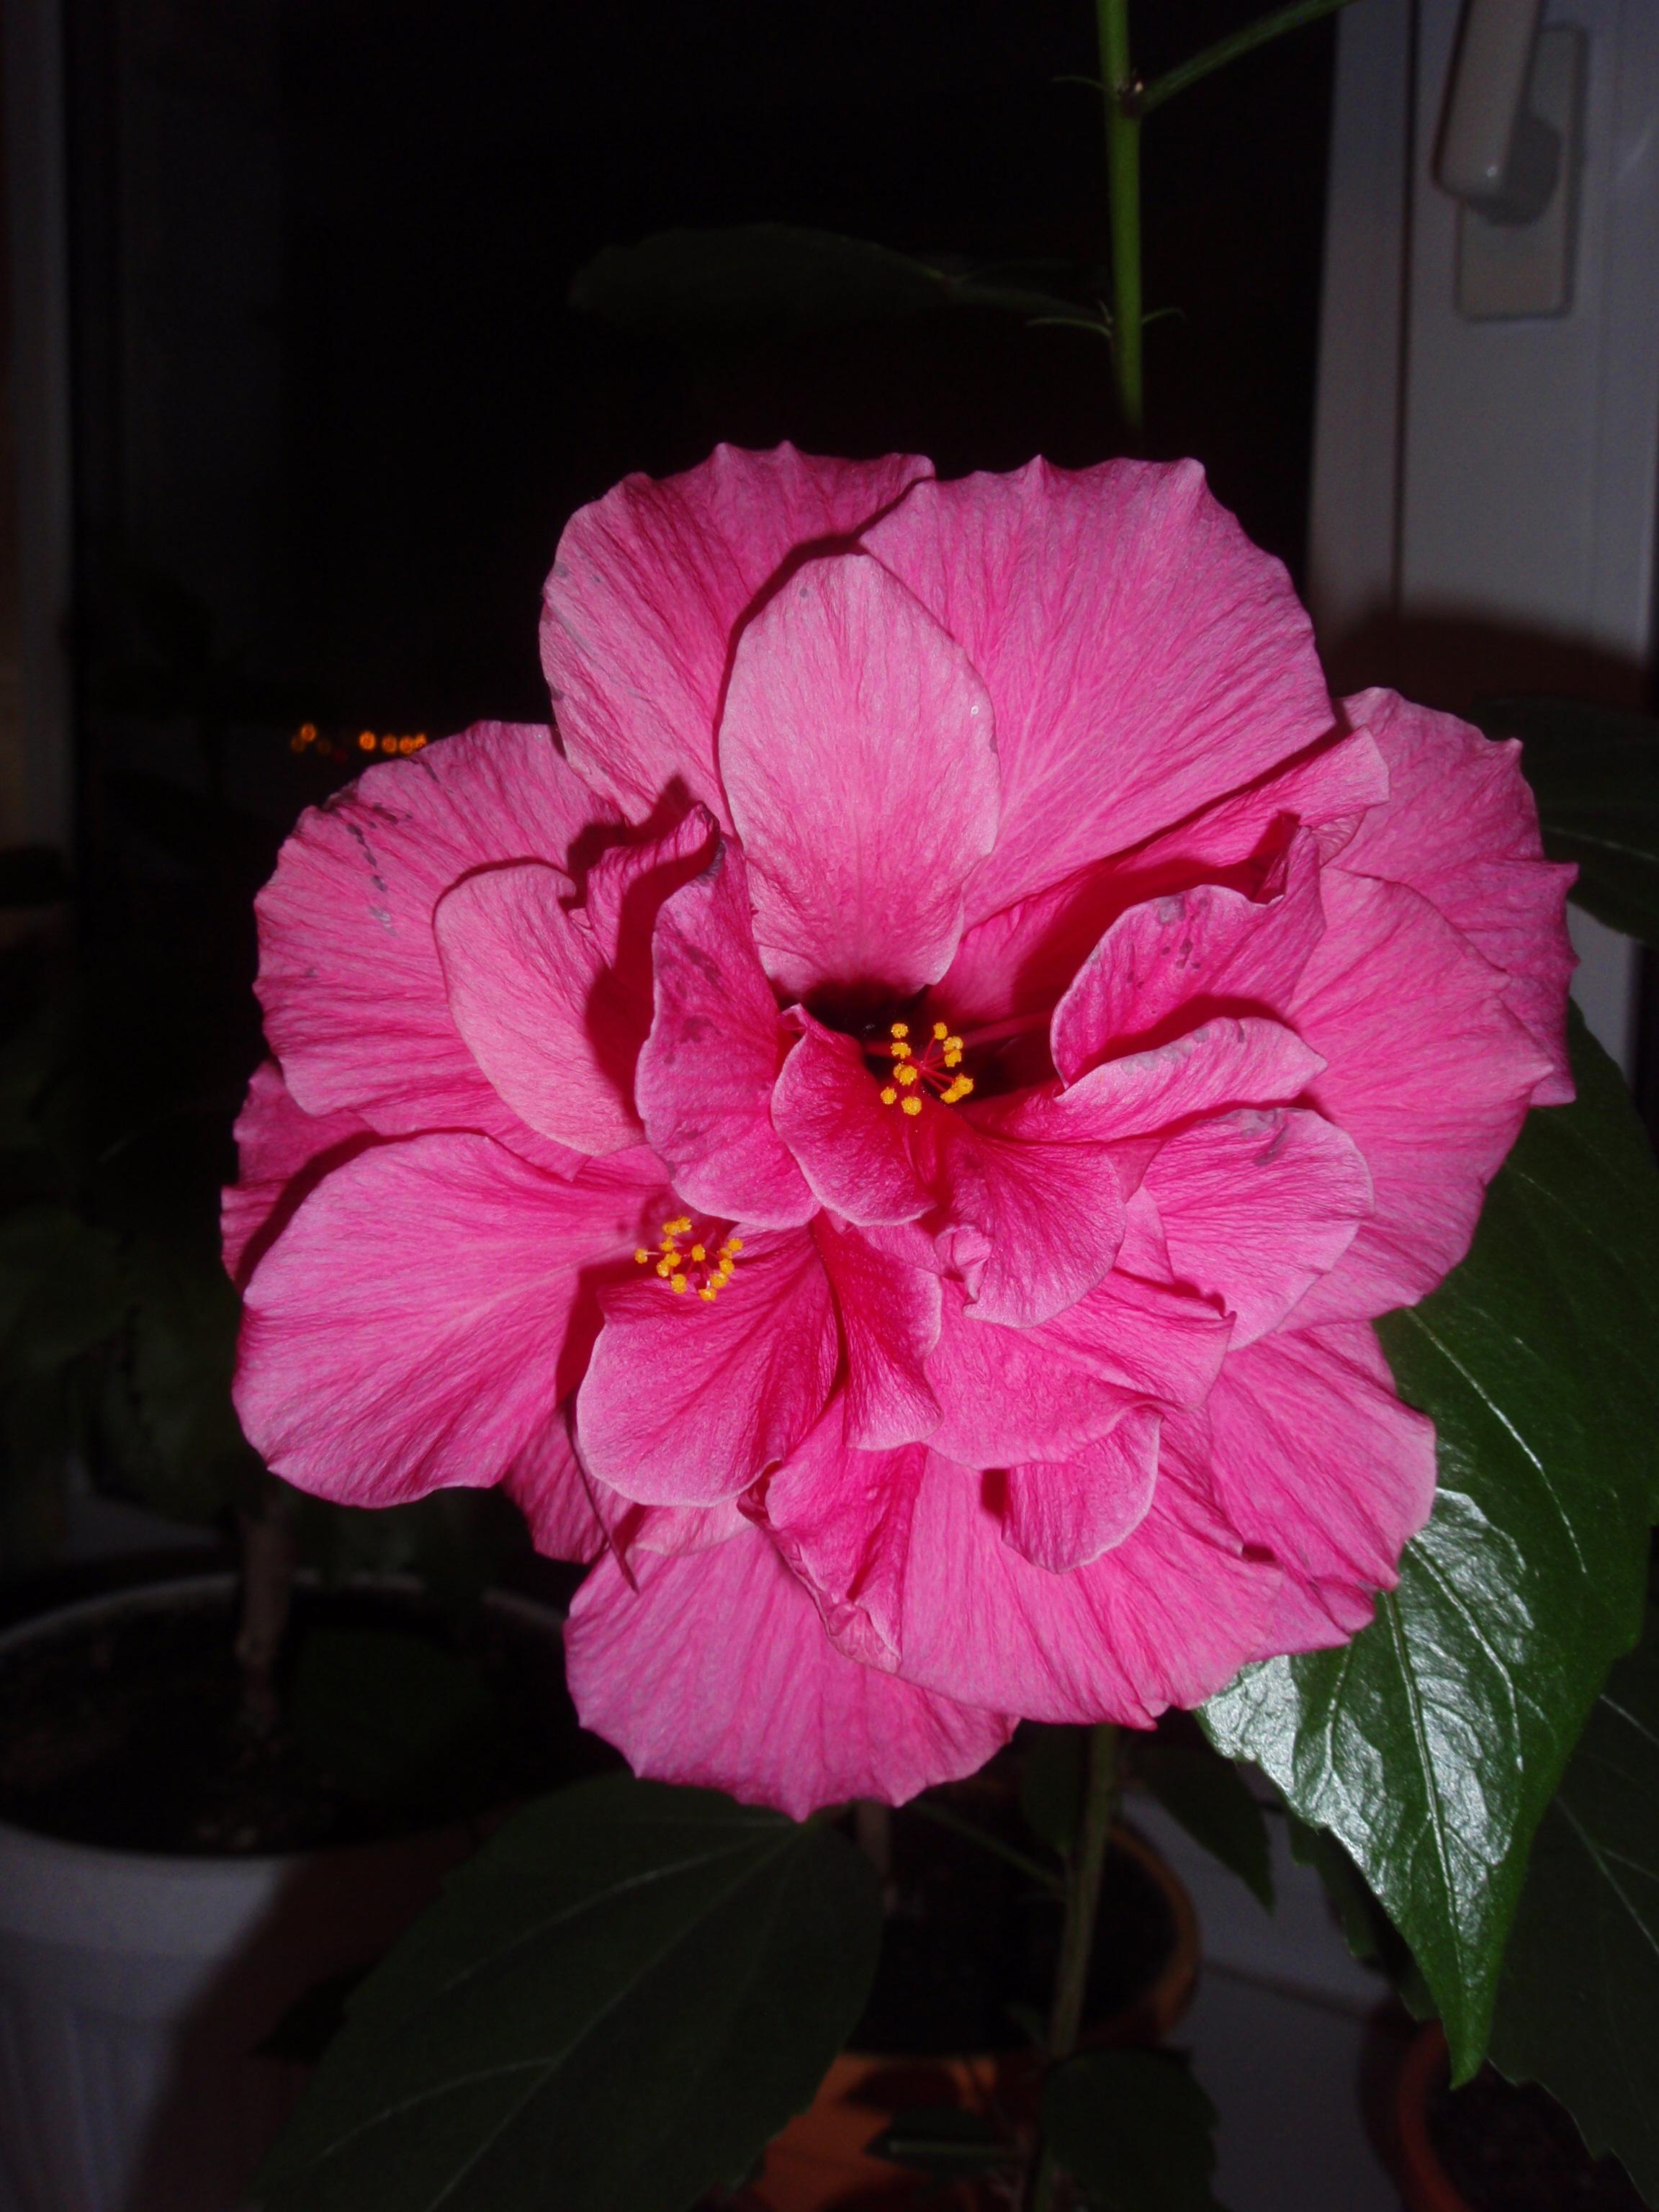 Гибискус (Hibiscus) темно розовый,светло розовый - у/ч - 250 руб